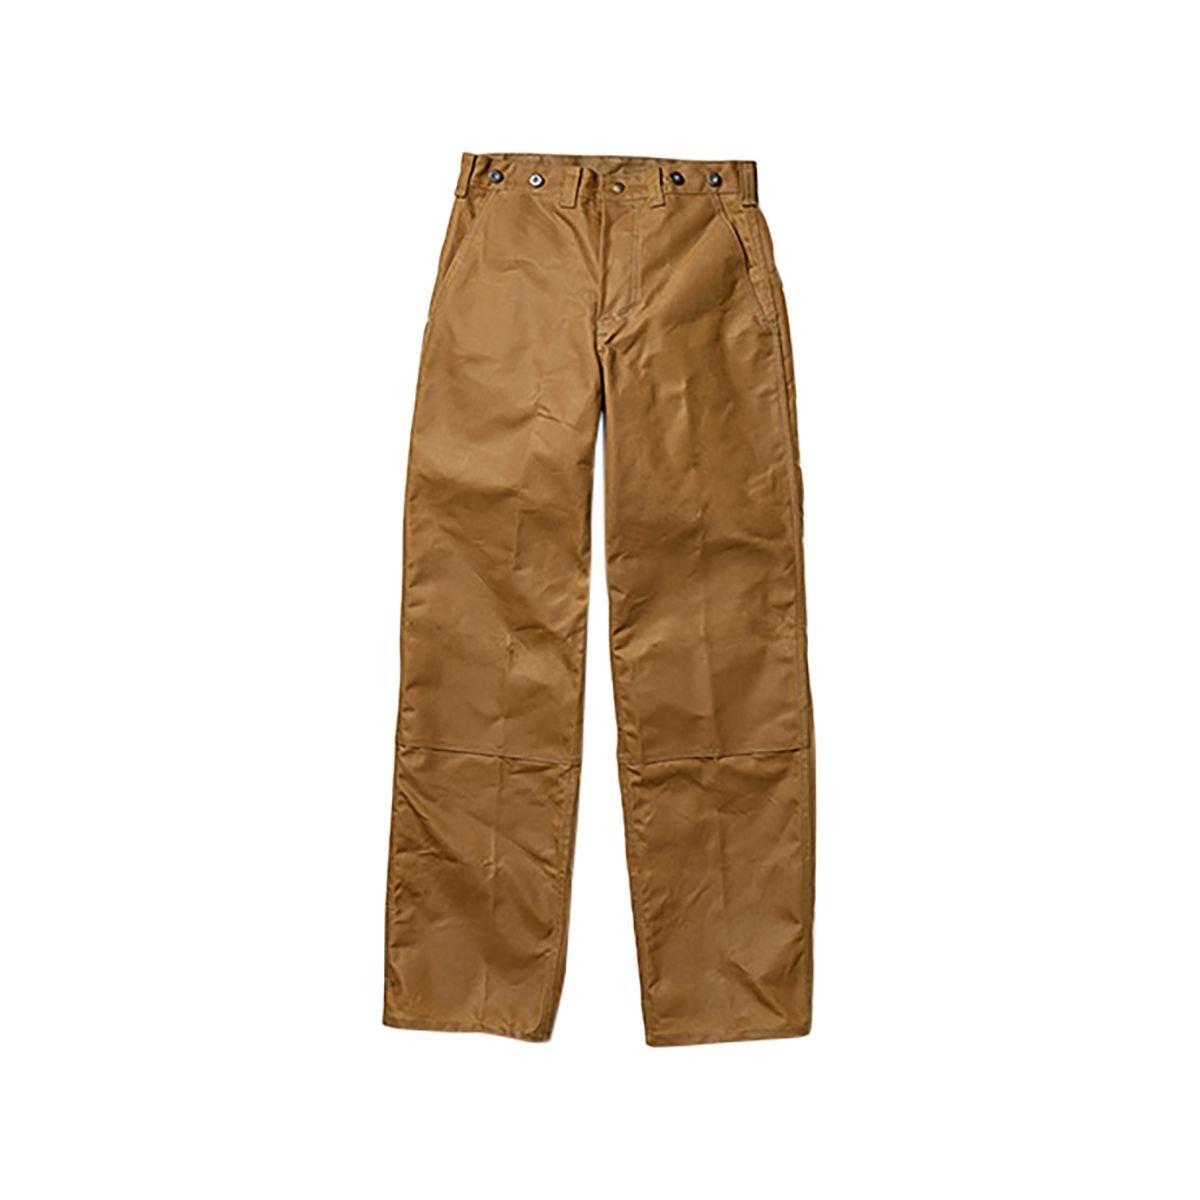 Filson Pant Mens 14004 TN Tan Double Tin Pants